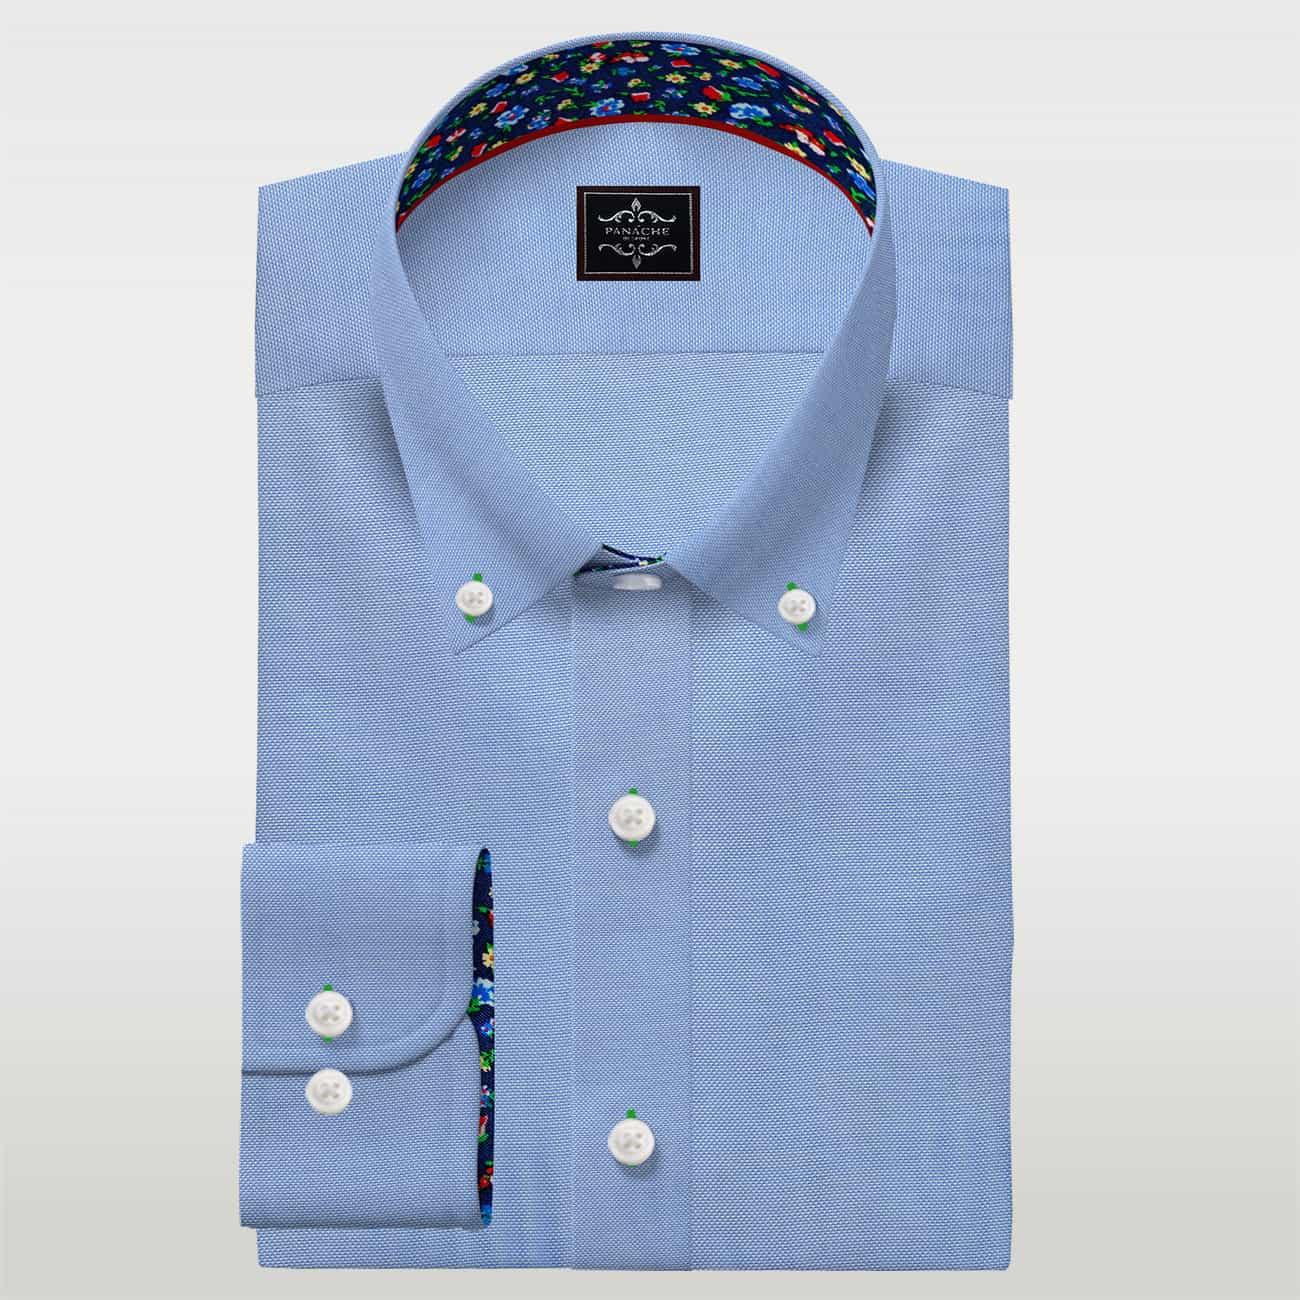 Light Blue Shirt / Mens Blue ButtonUp Shirt